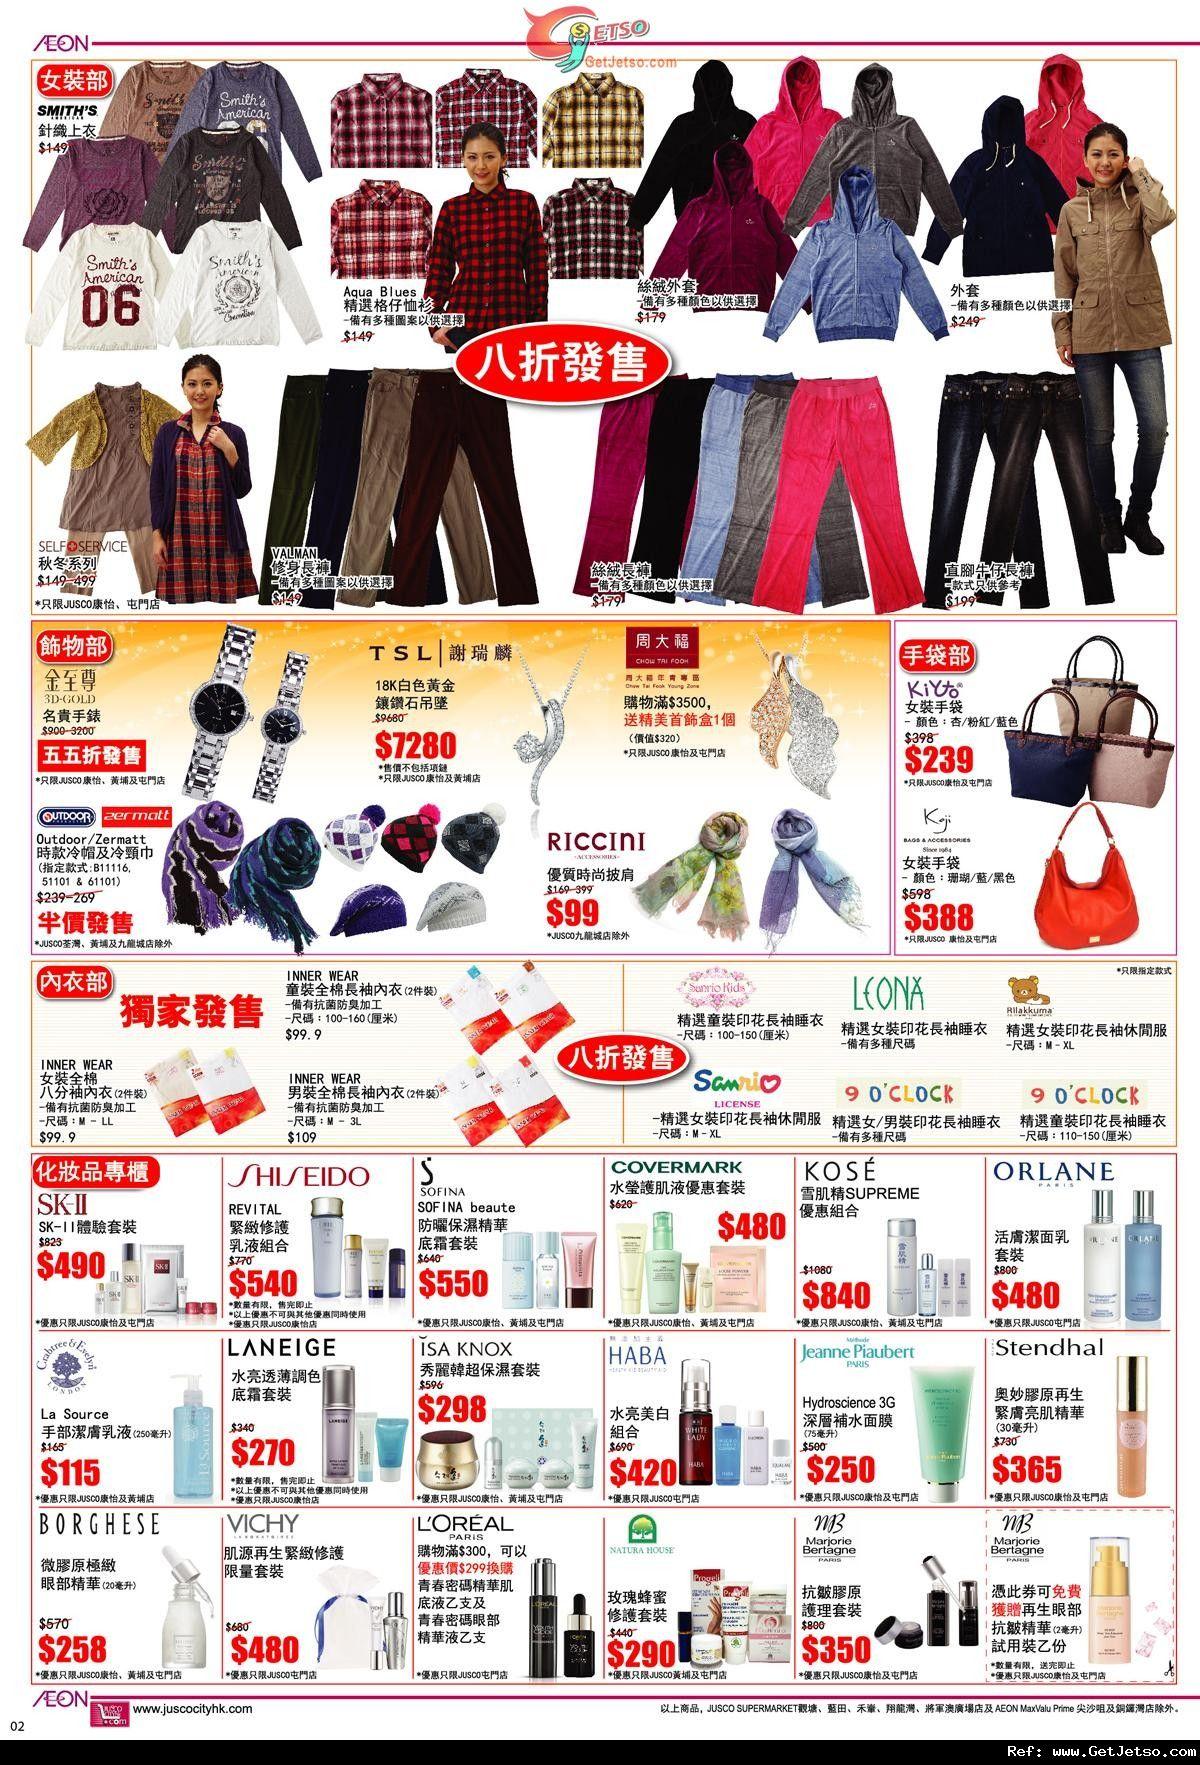 JUSCO 吉之島25周年祭購物優惠 - Get Jetso 著數優惠網